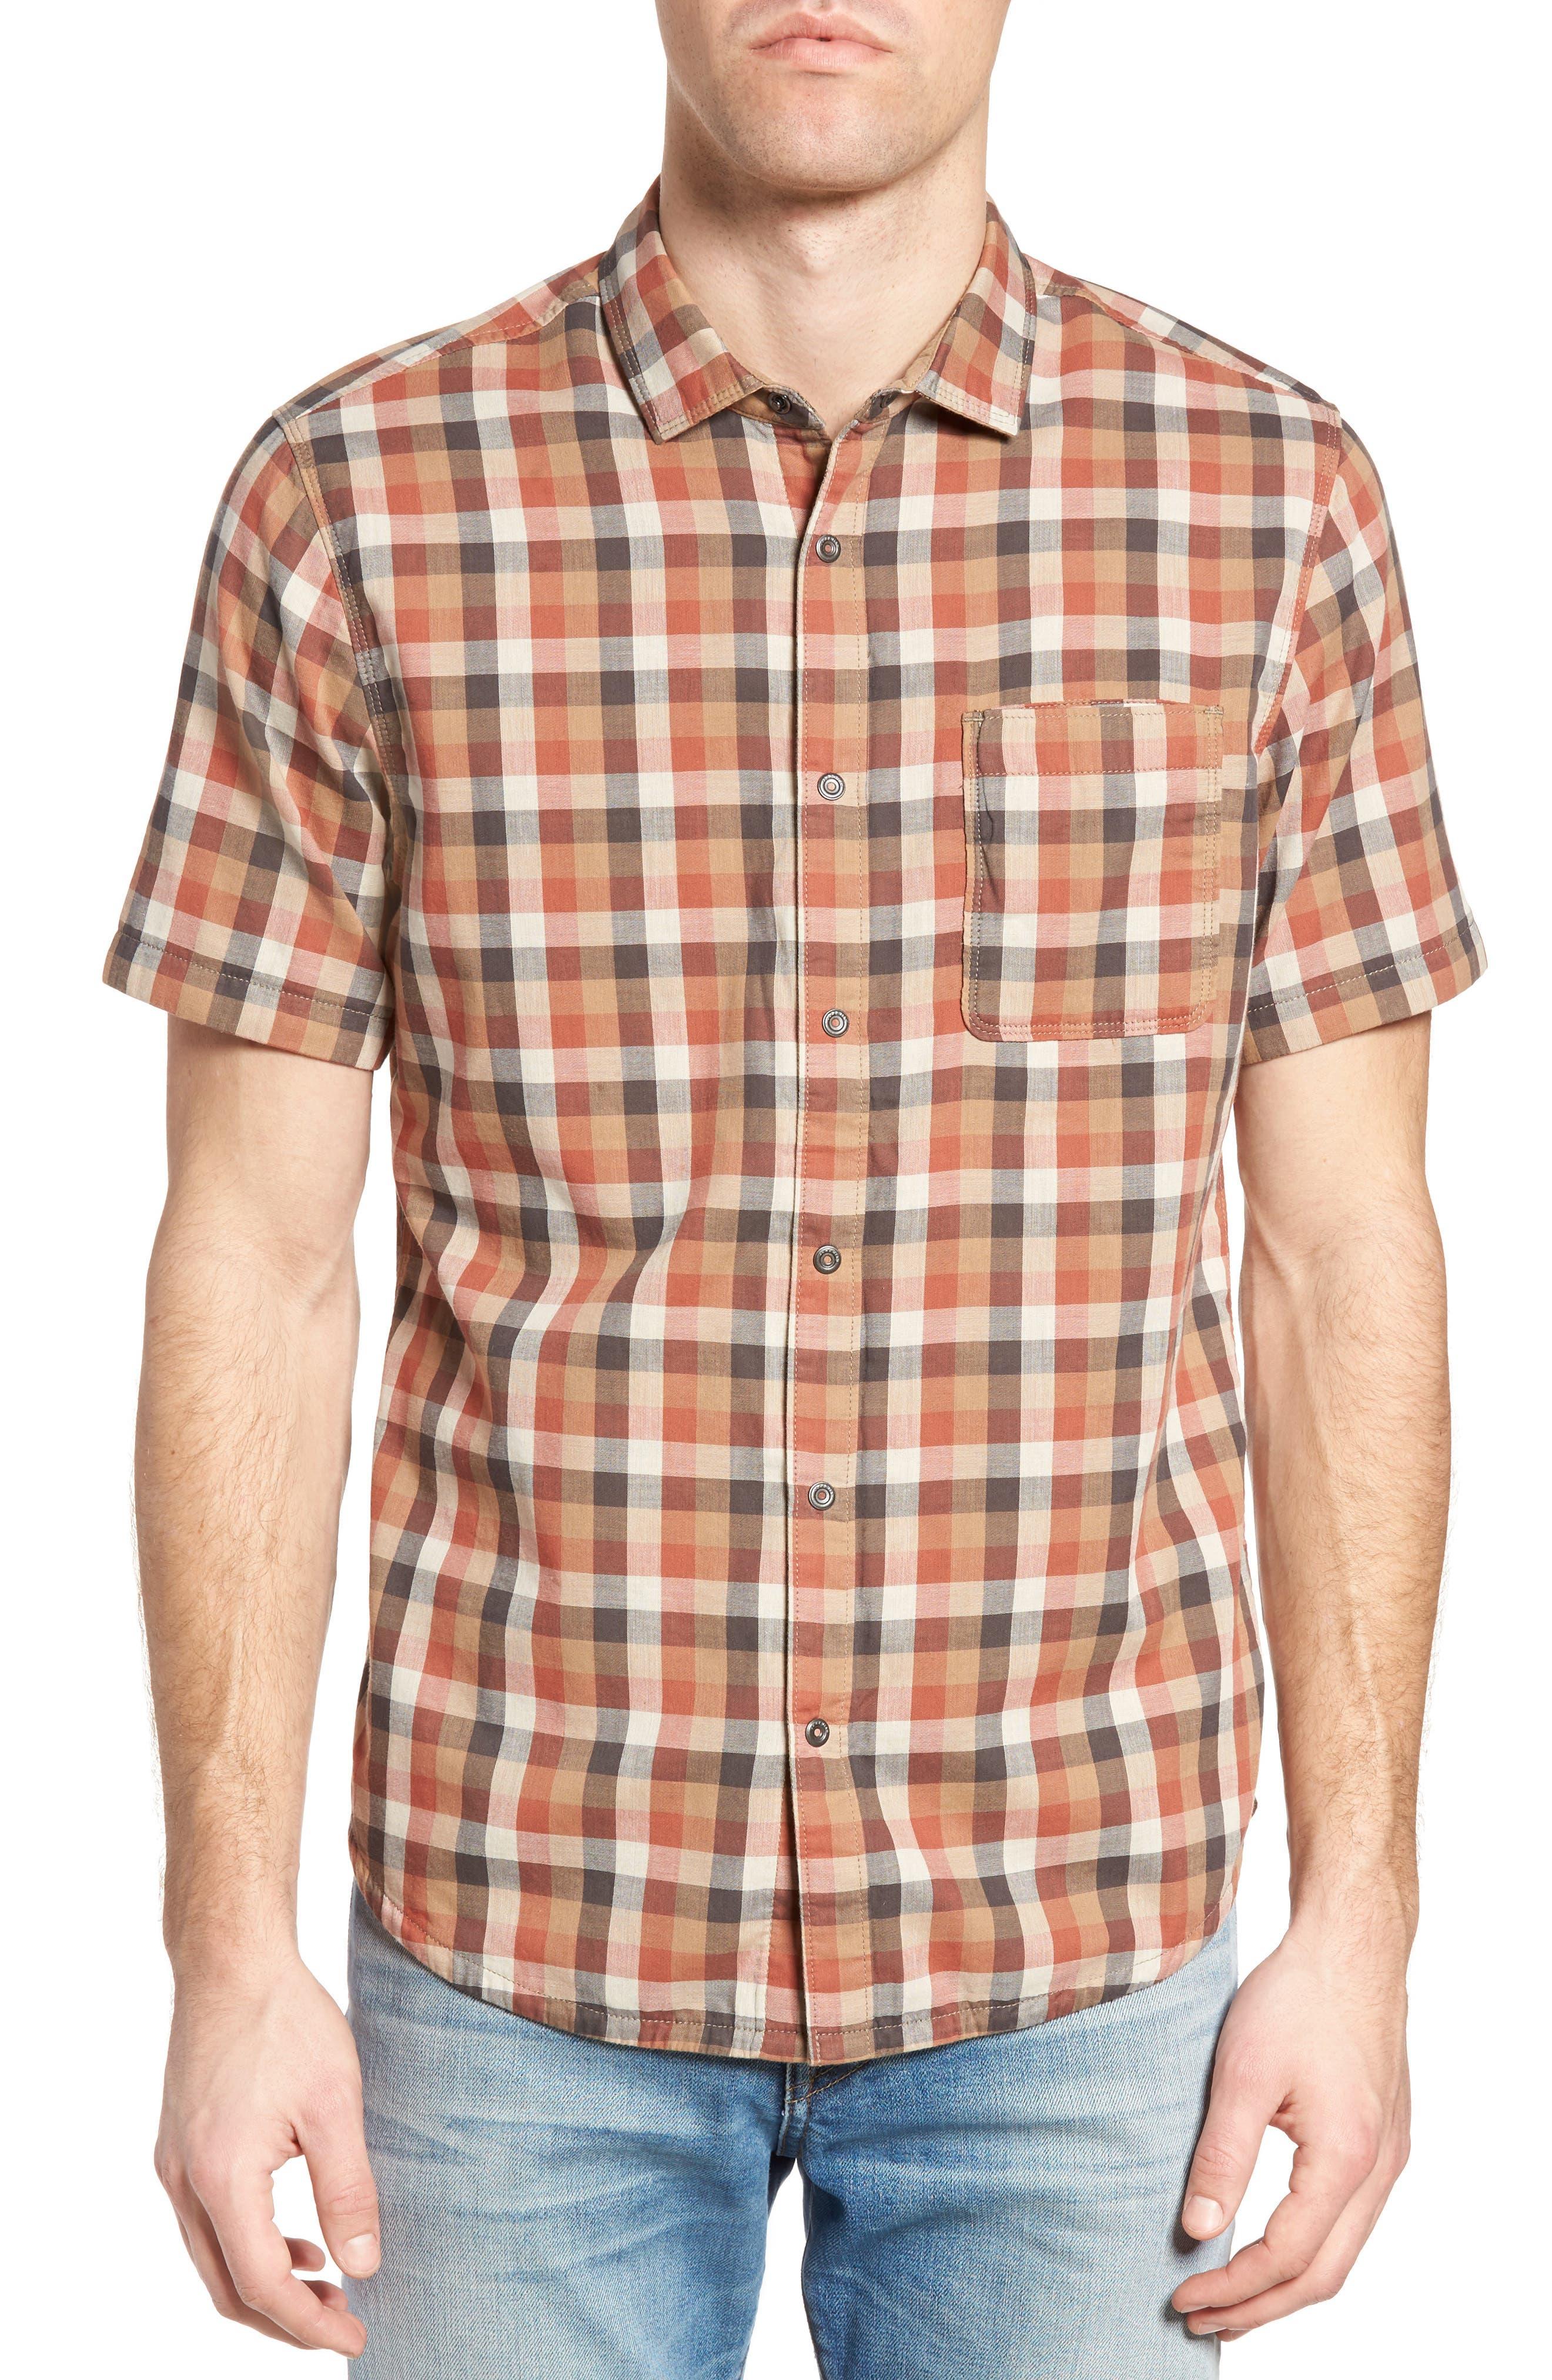 Nomad Reversible Plaid Sport Shirt,                         Main,                         color, Cajun